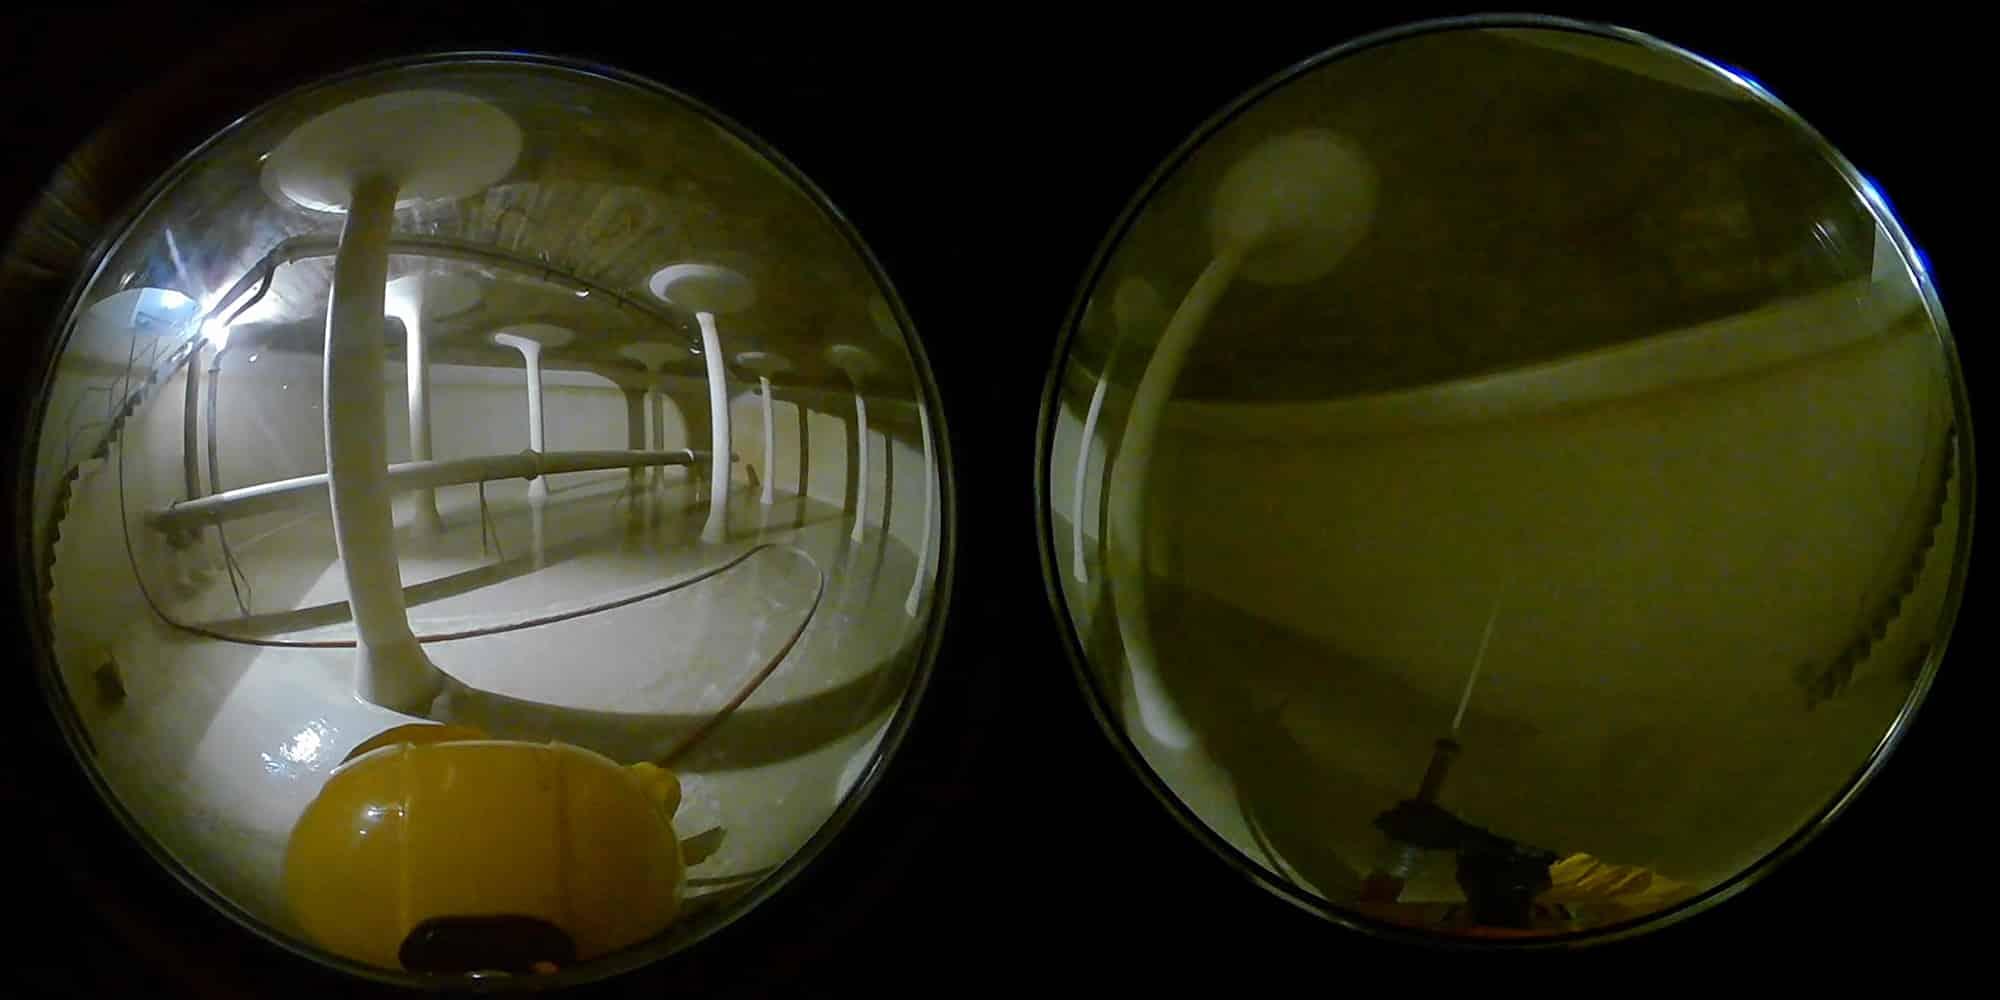 Nettoyage et désinfection de réservoir d'eau potable